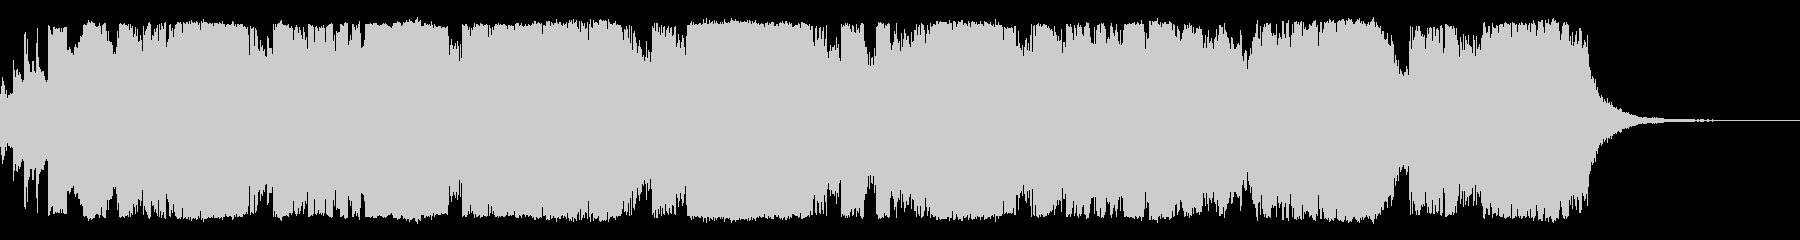 ピアノとストリングス/朝のジングル1の未再生の波形